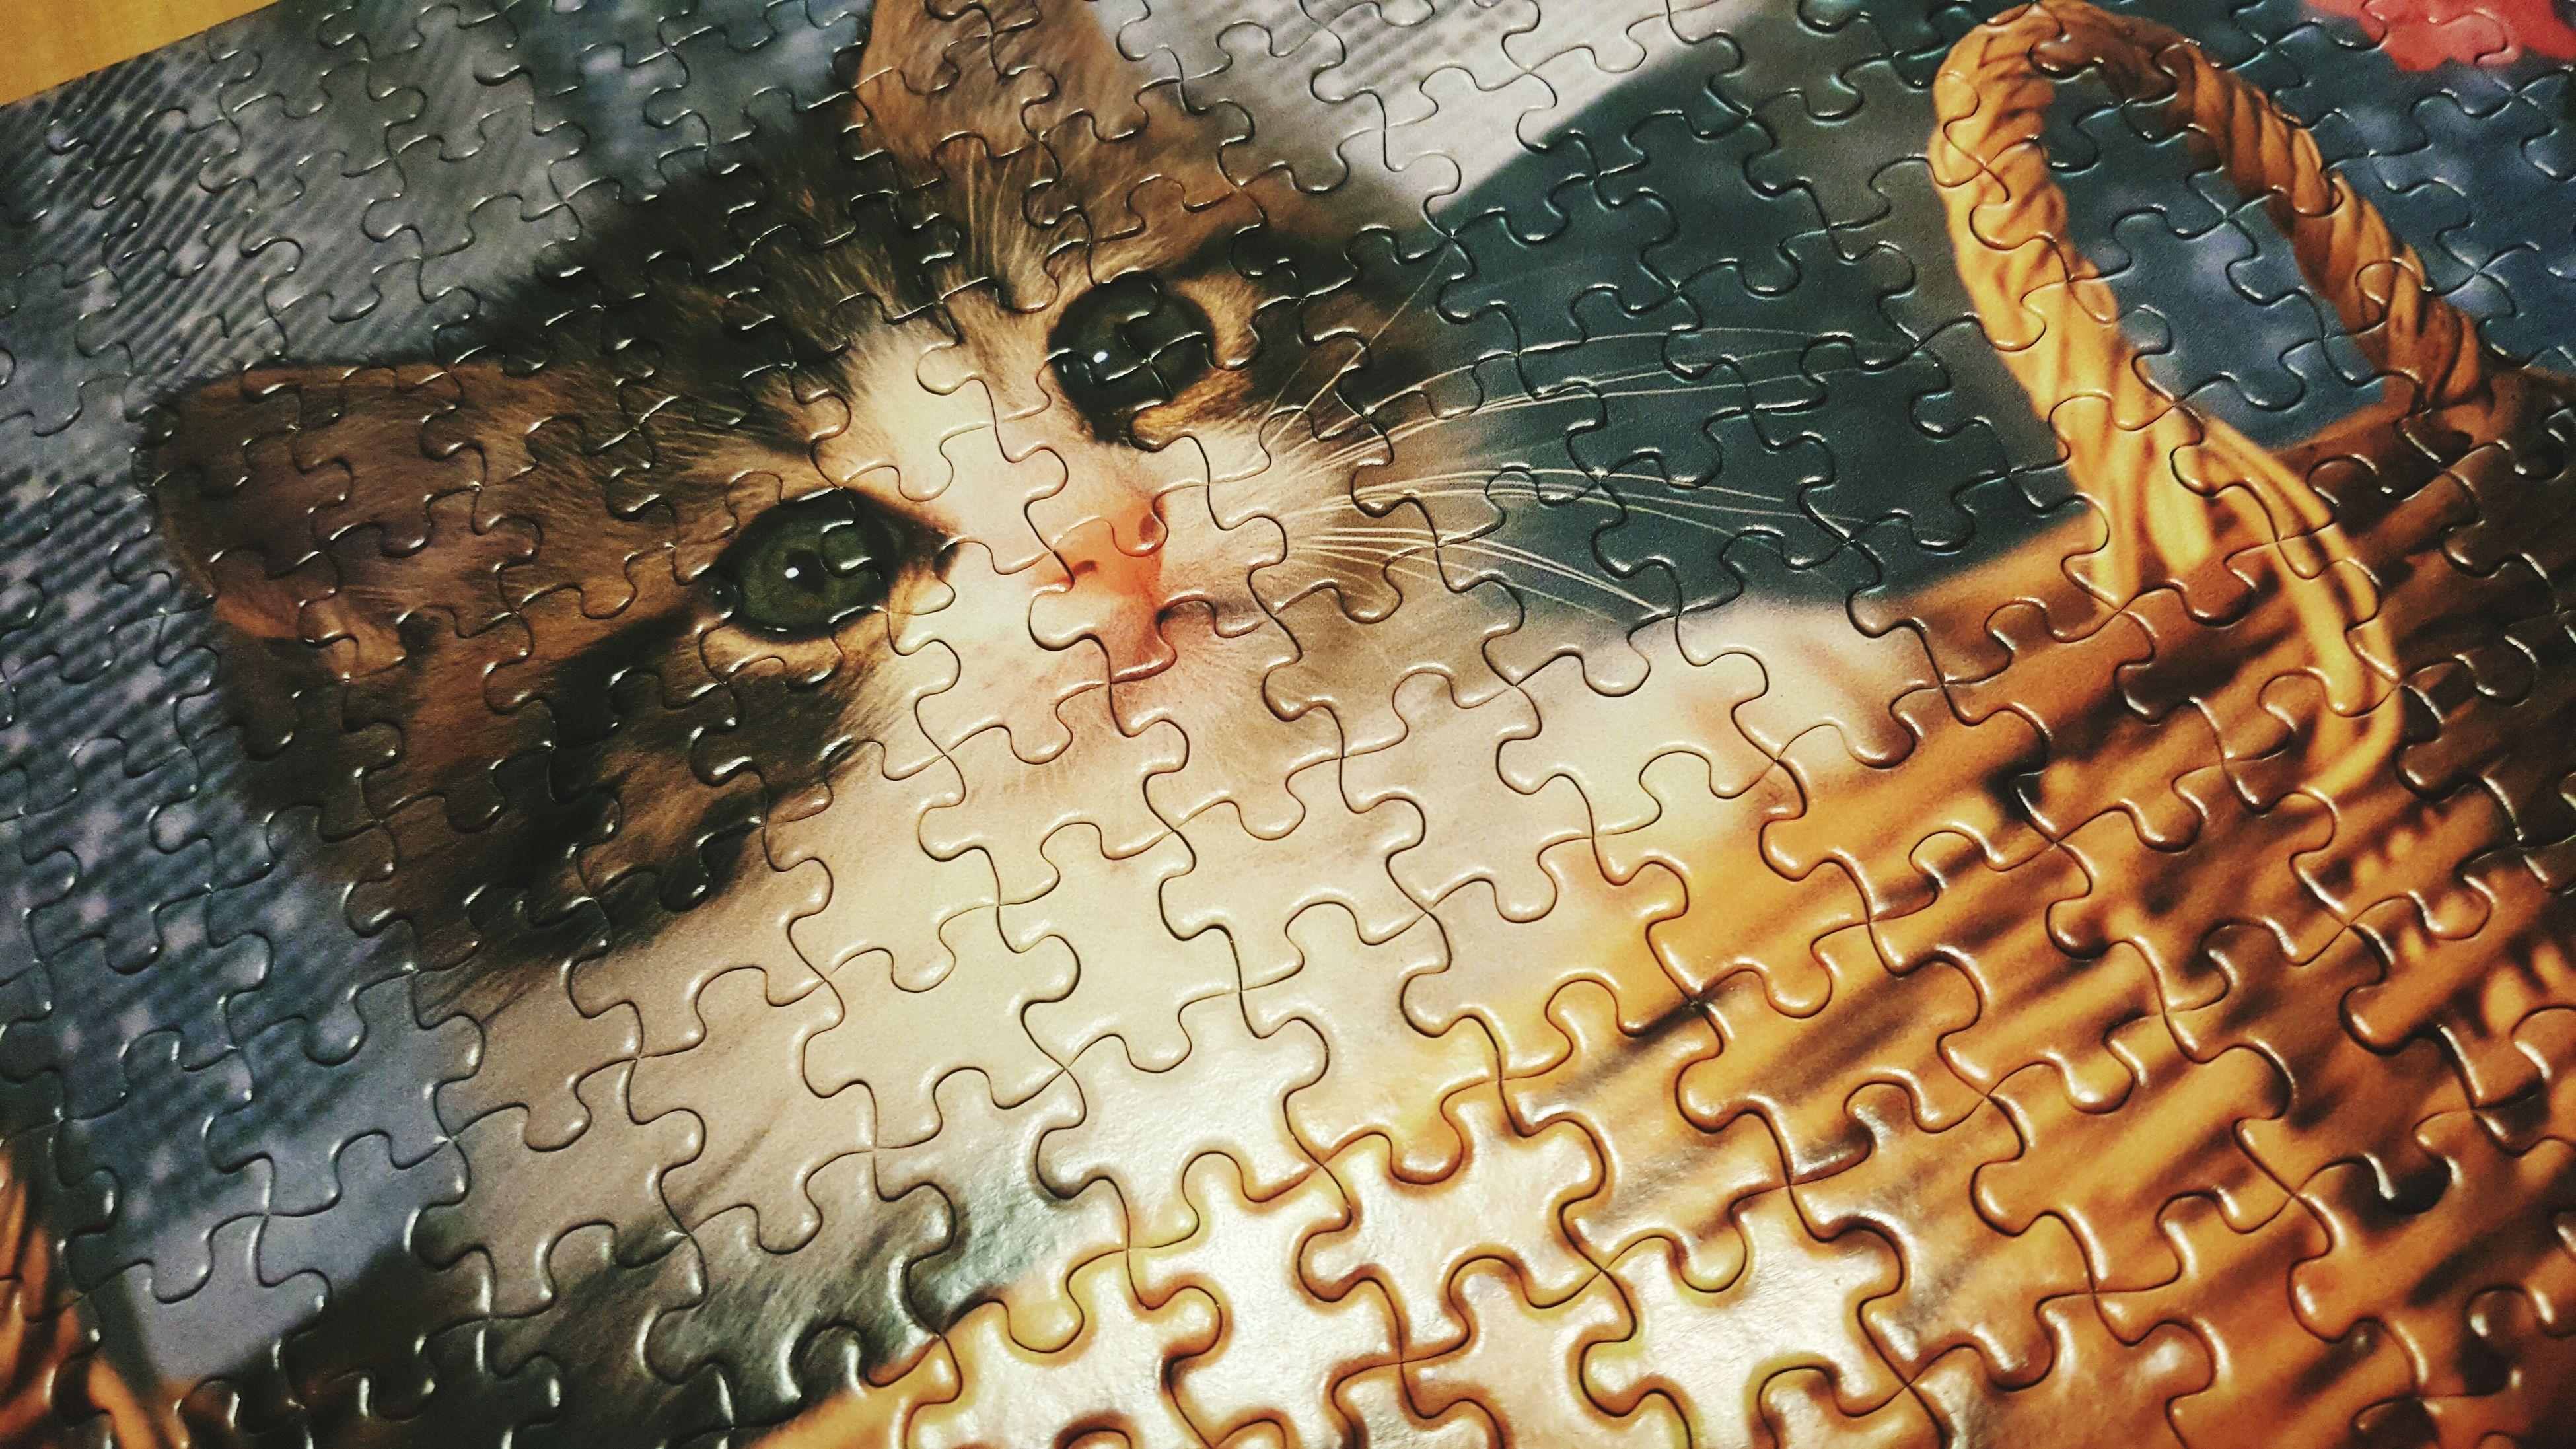 2시간 넘게 맞춘거같다 300pieces Jigsaw Puzzle 가볍게 시작한건데 생각외로 어려웠다 ㅜ ㅜ